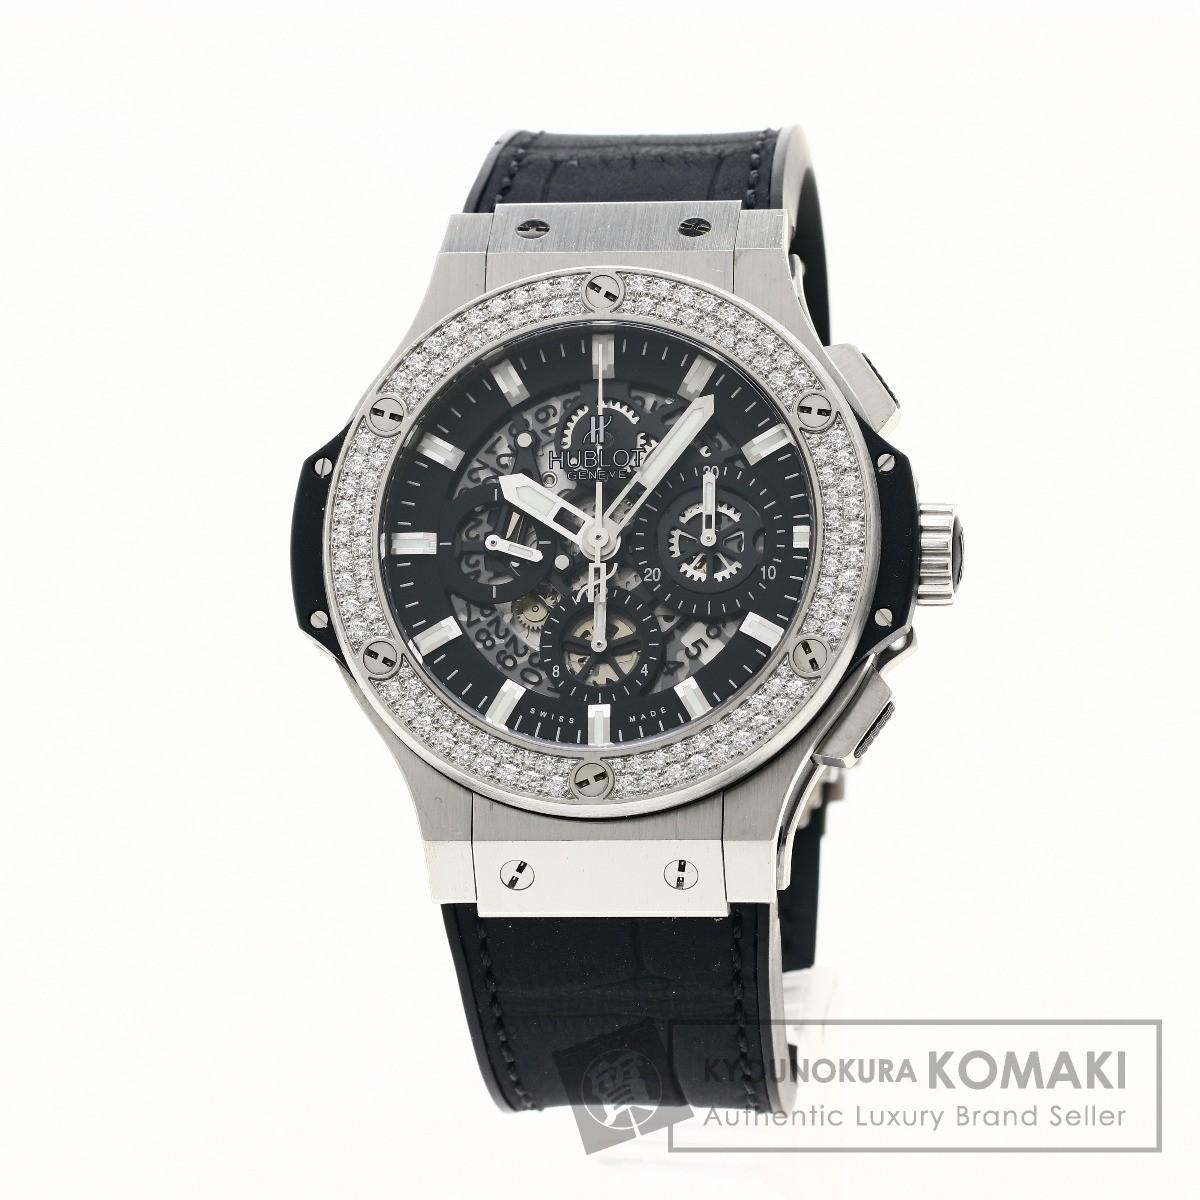 HUBLOT 311.SX.1170.GR.1104 ビッグバン アエロバン ダイヤモンド 腕時計 ステンレススチール/ラバー メンズ 【中古】【ウブロ】